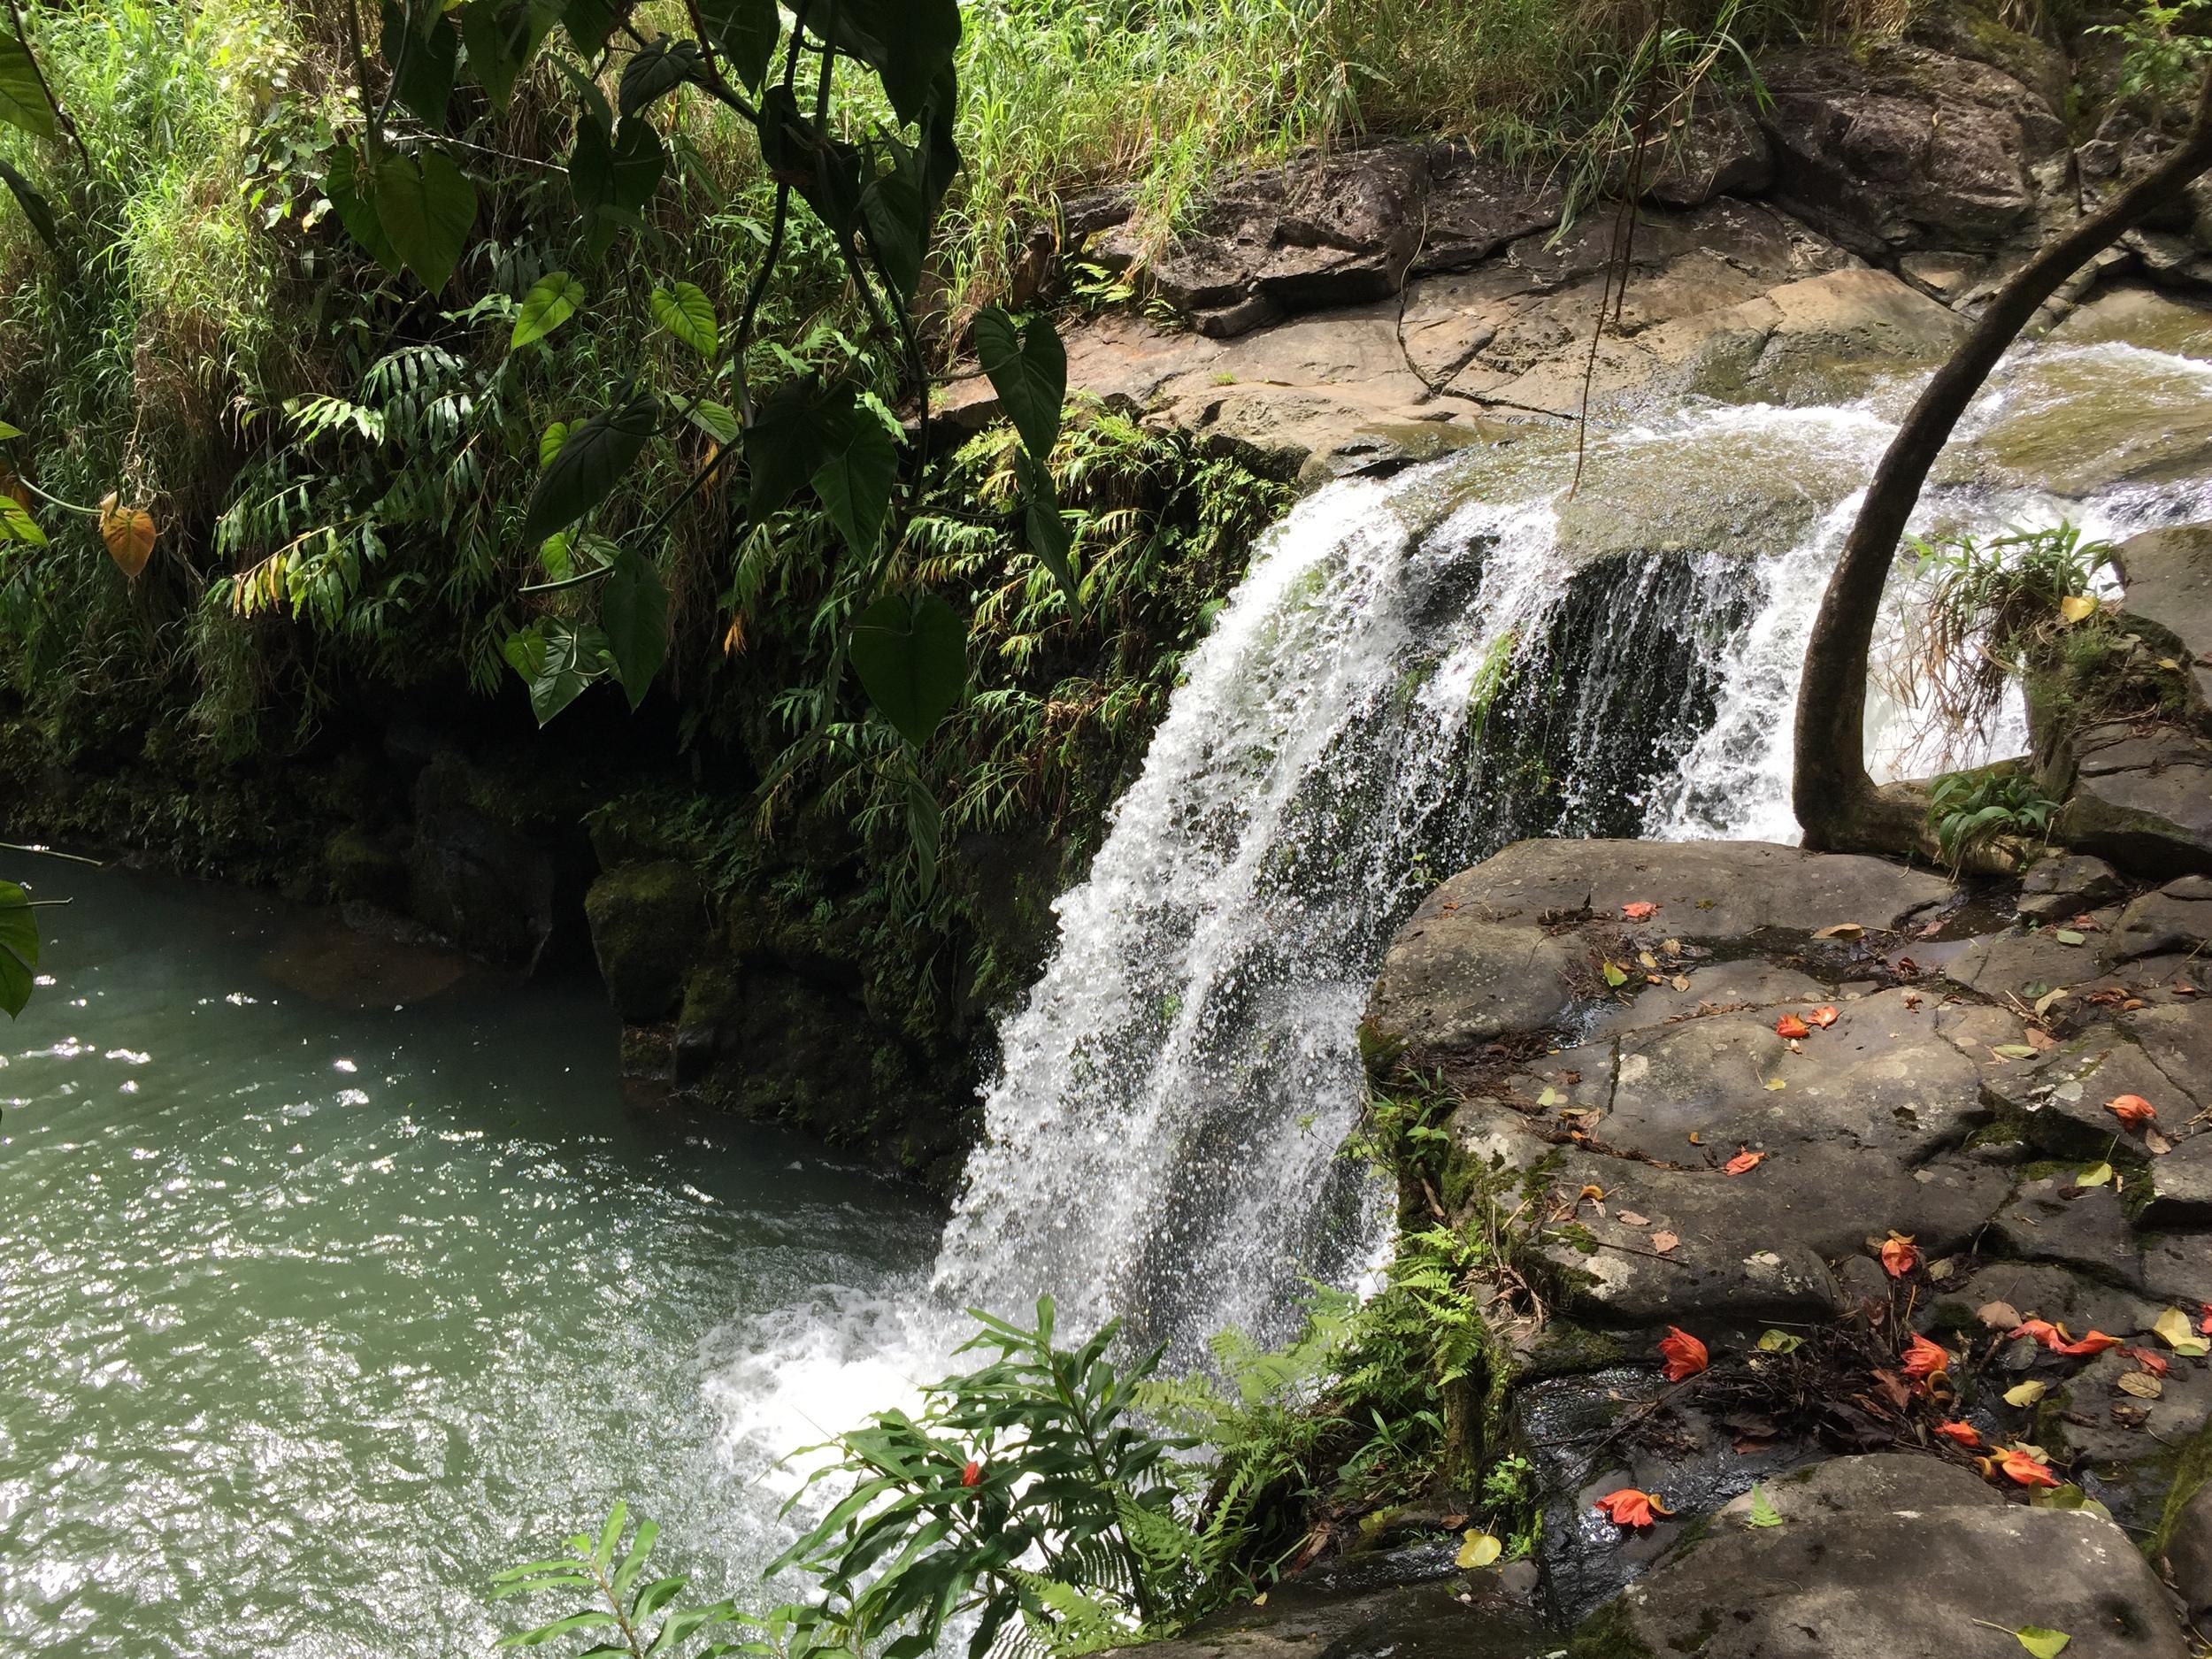 Waterfall by the roadside